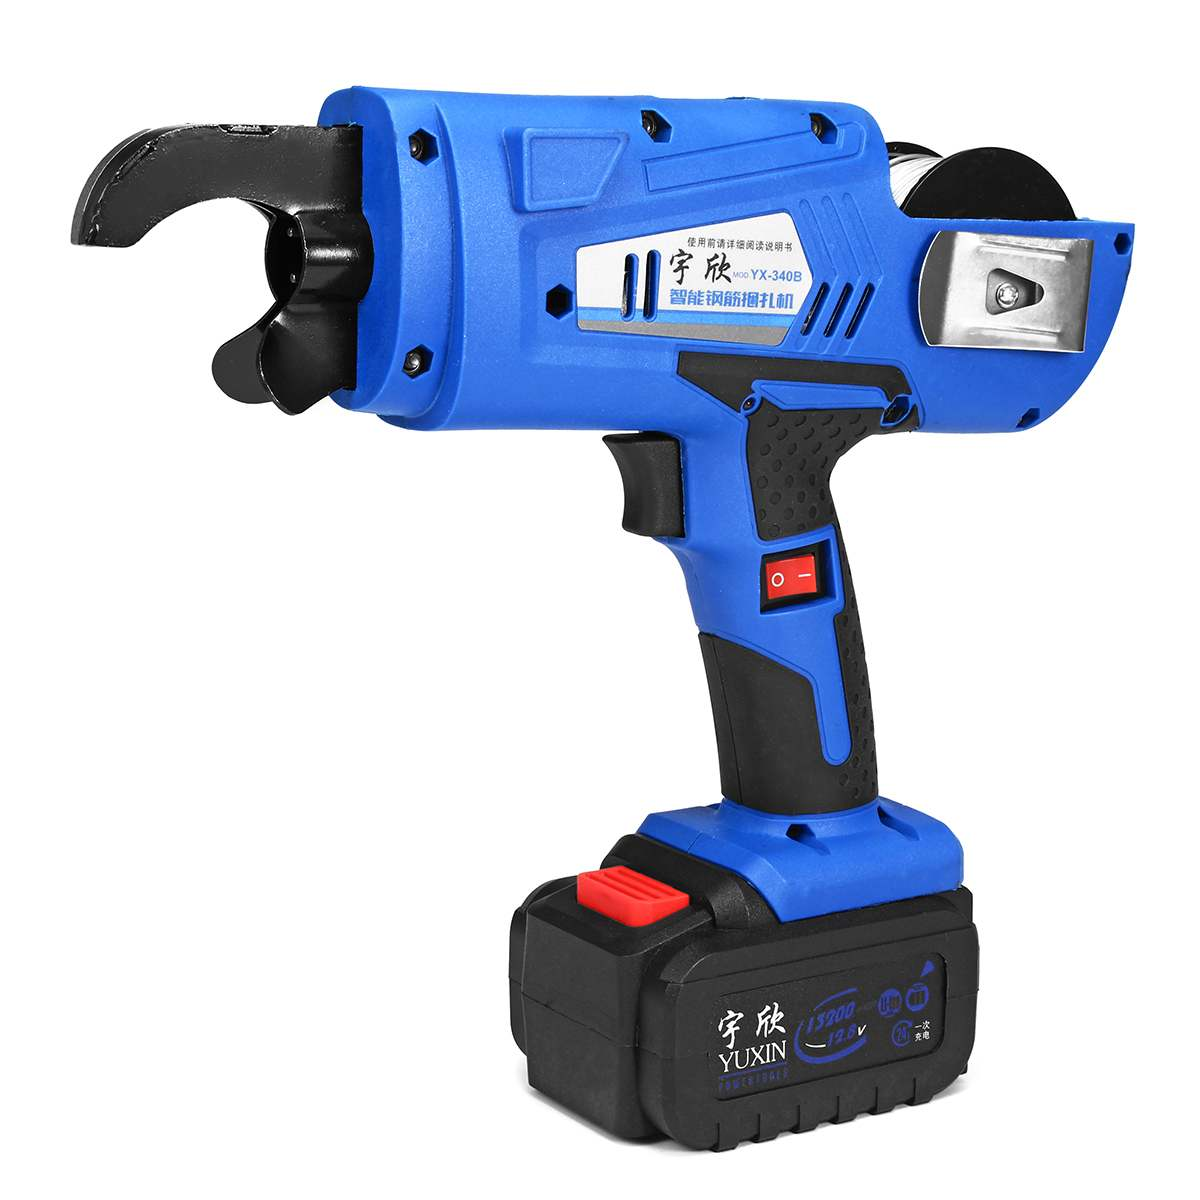 Automatique De Poche Barres D'armature Niveau machine à attacher perceuse électrique Renforcer cerclage en acier Multifonction Outils Électriques 8mm-34mm